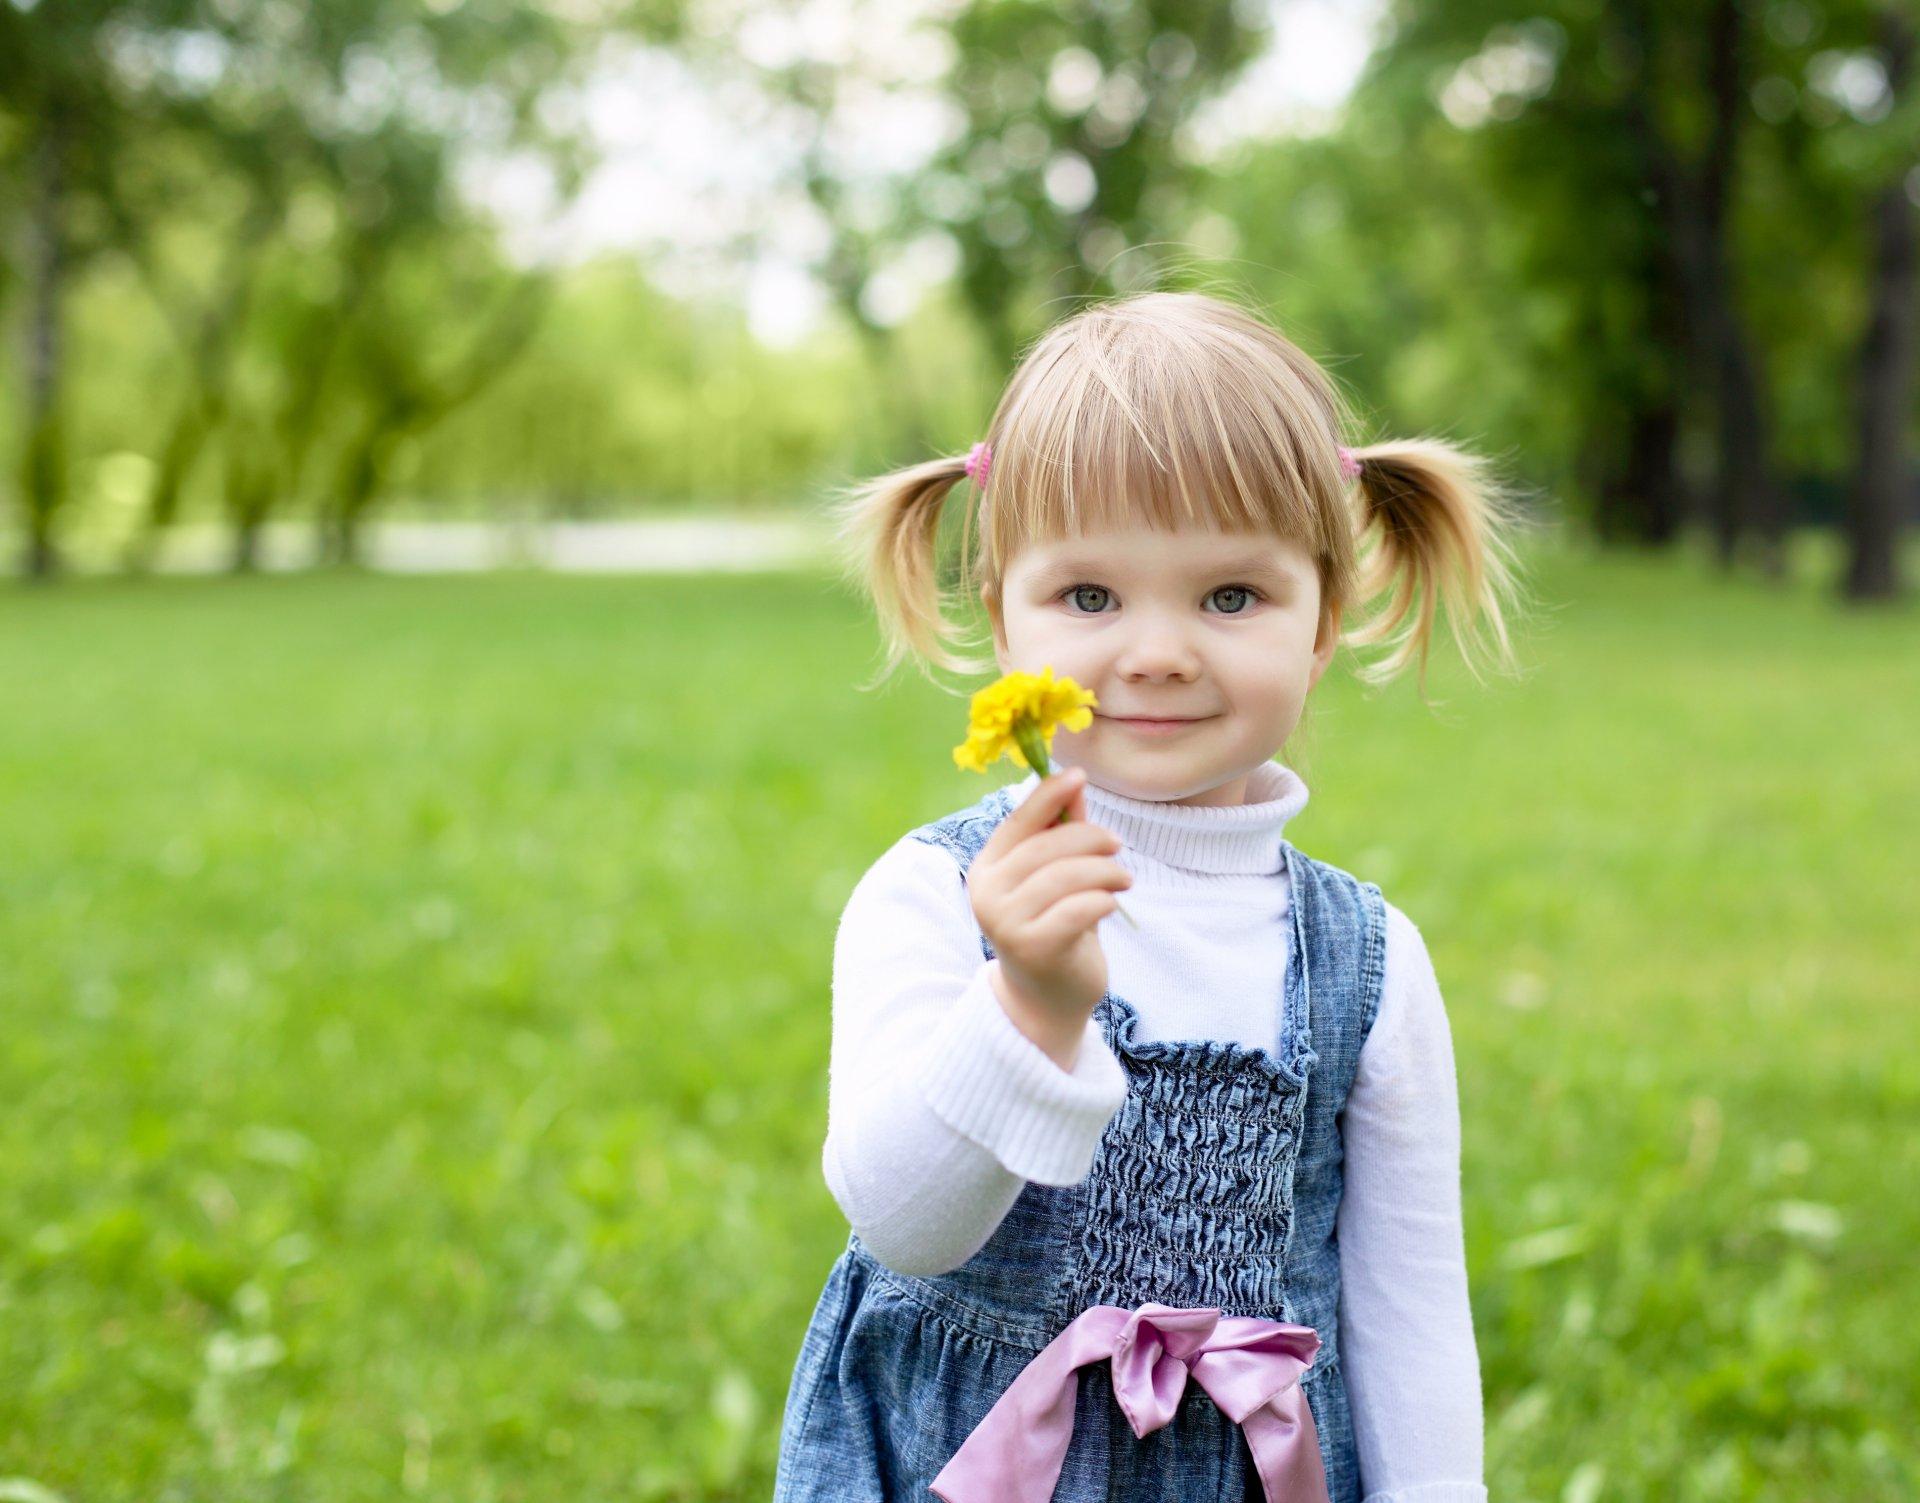 Фото девушки с маленькими, Маленькая грудьфото. Девушки с натуральной 18 фотография